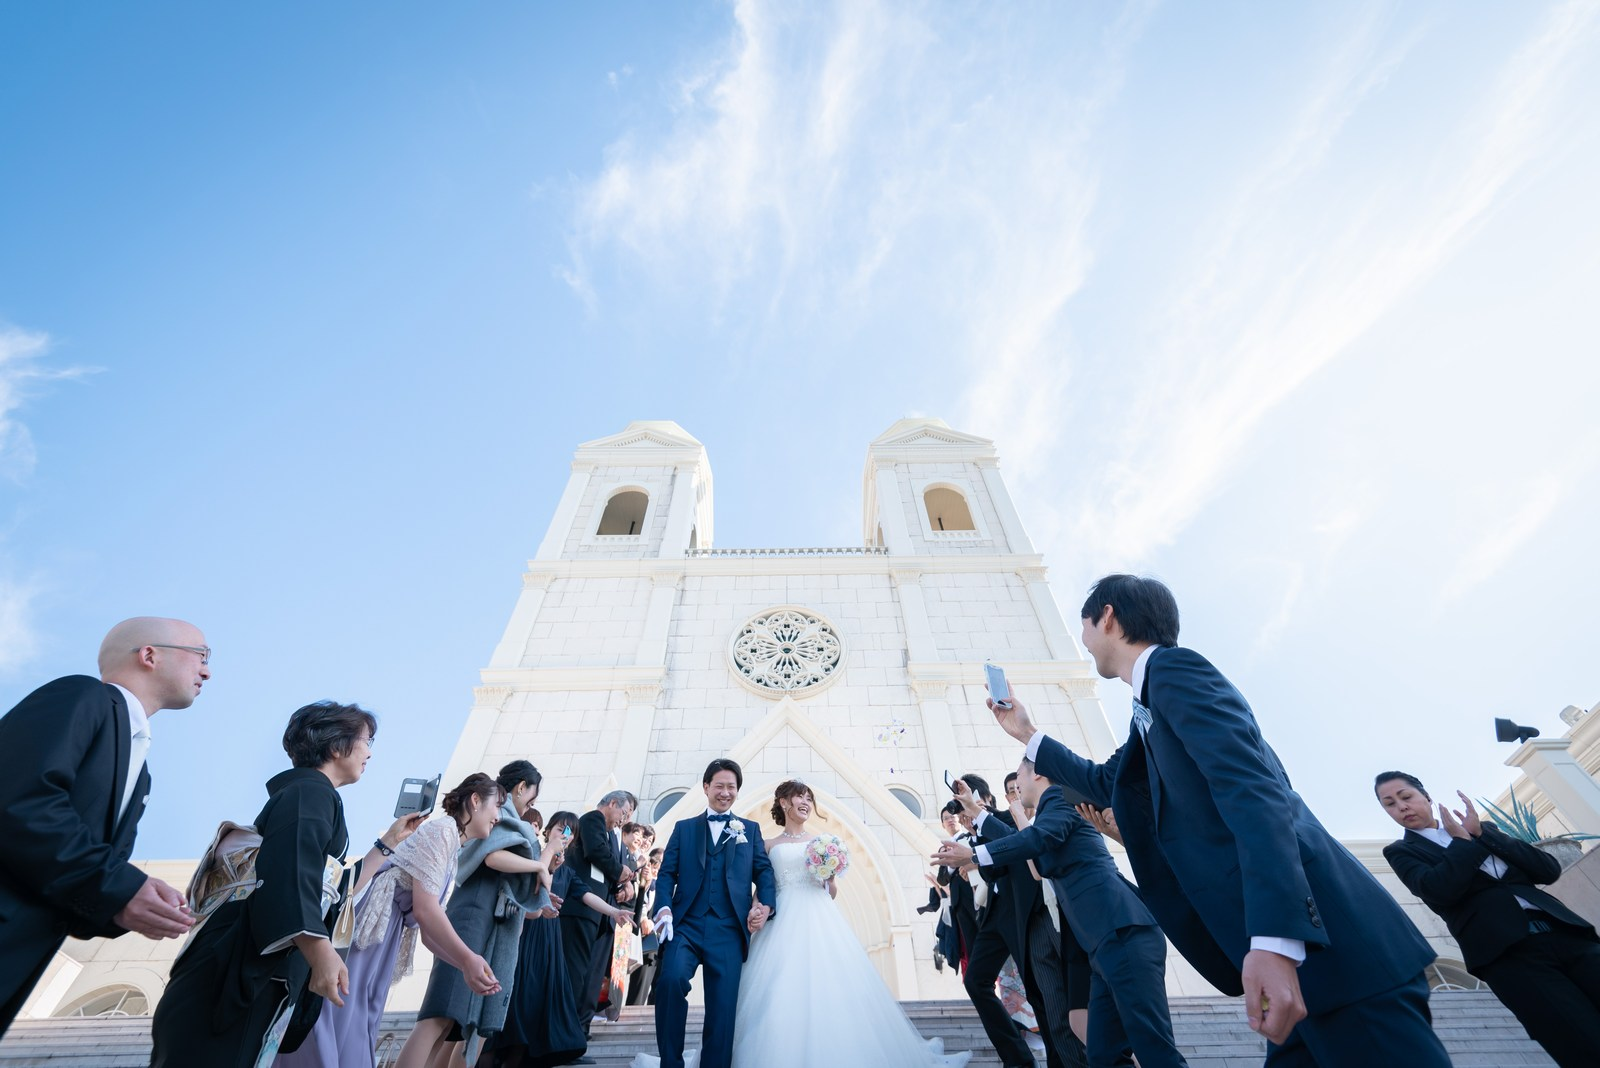 香川県の結婚式場のシェルエメール&アイスタイルの幸せの大階段